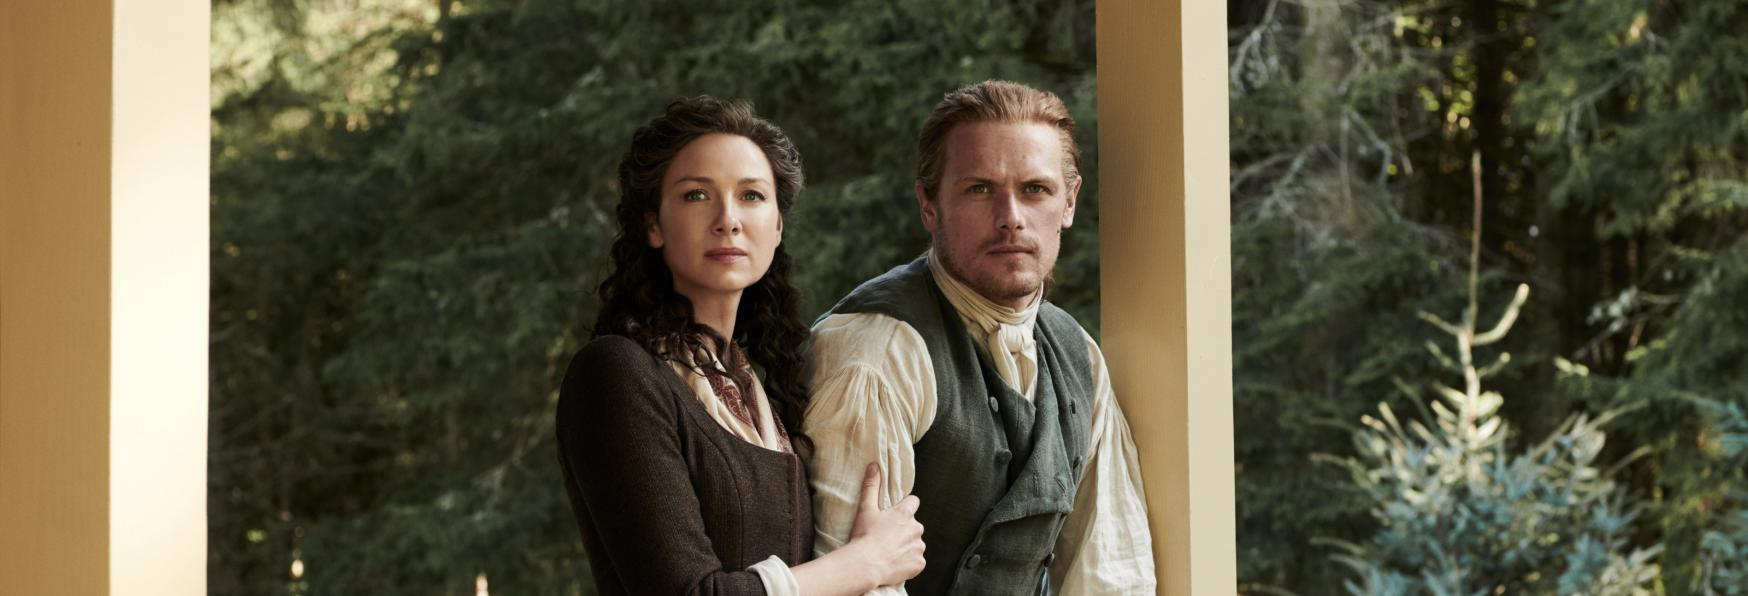 Outlander 7 ci sarà! Rinnovata la Serie TV di Ronald D. Moore